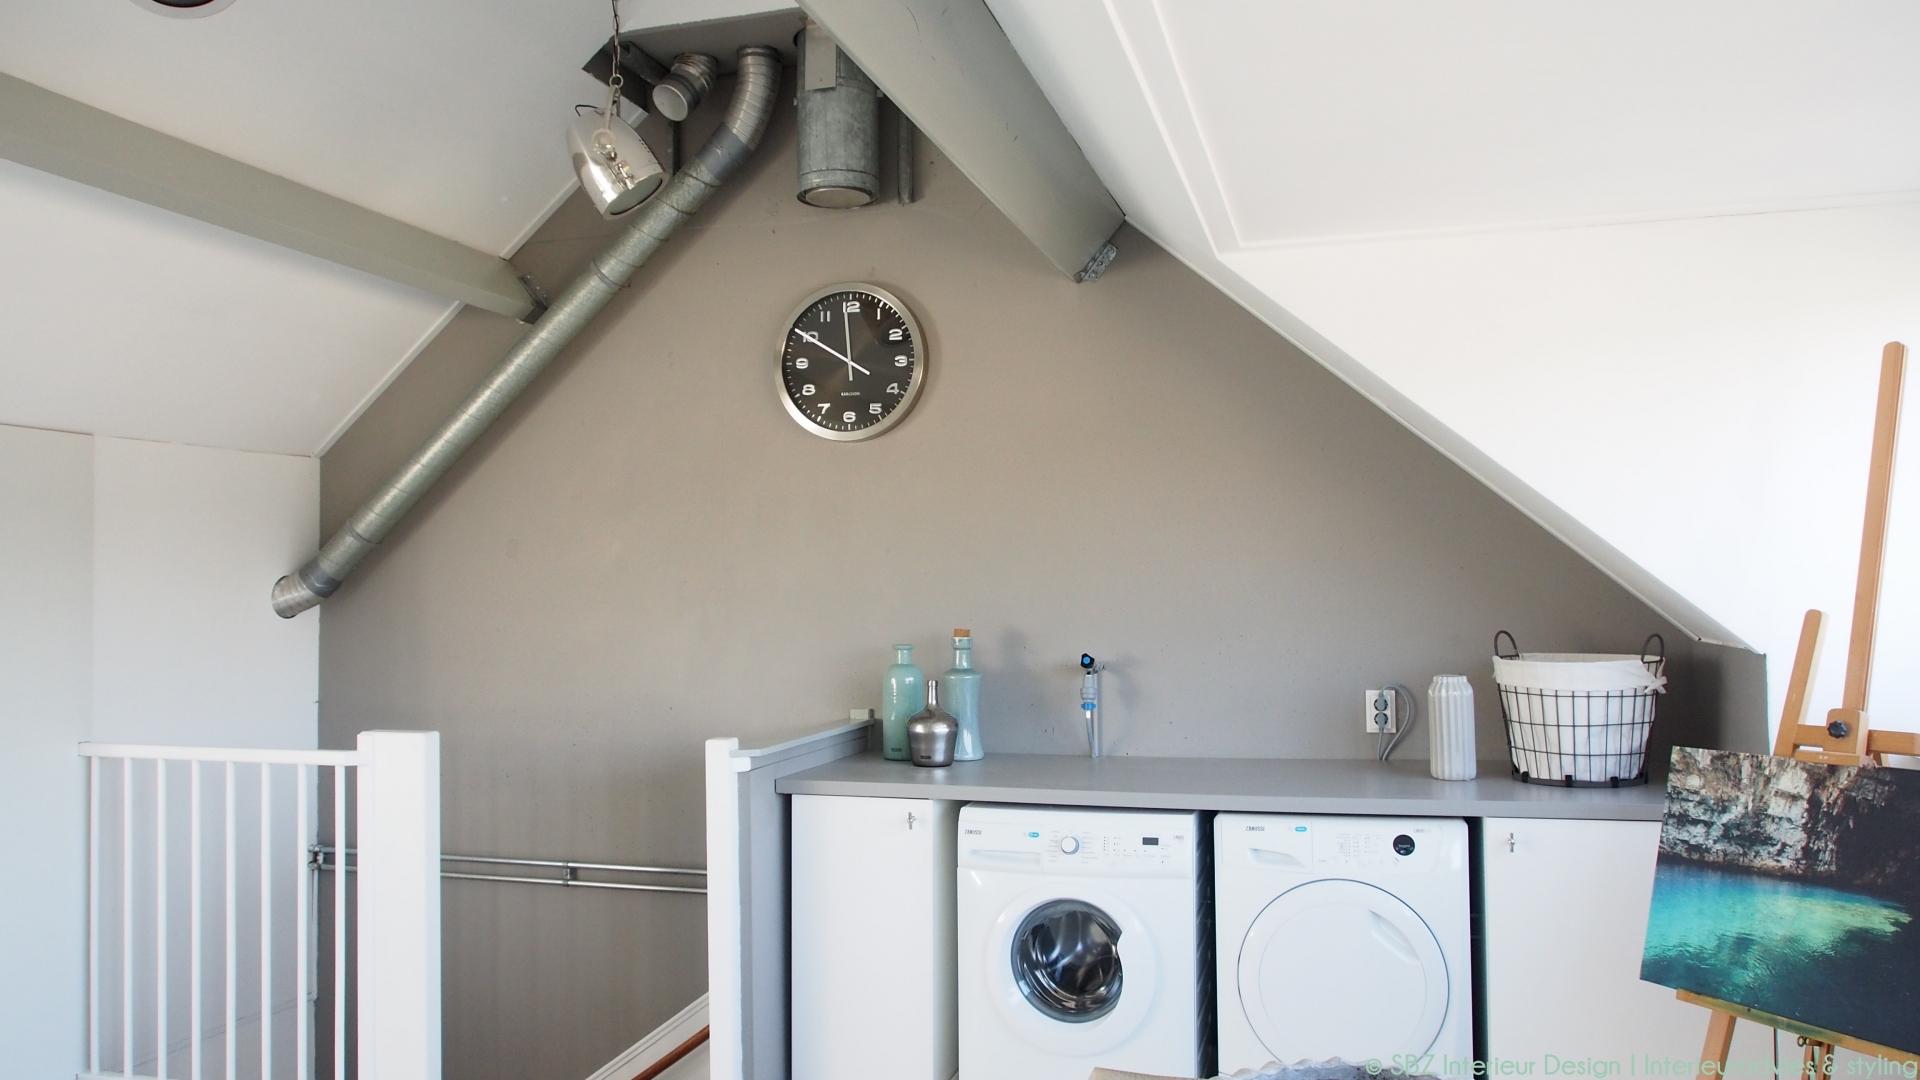 Slaapkamer zolder inspiratie: inspiratie slaapkamer schuin dak ...